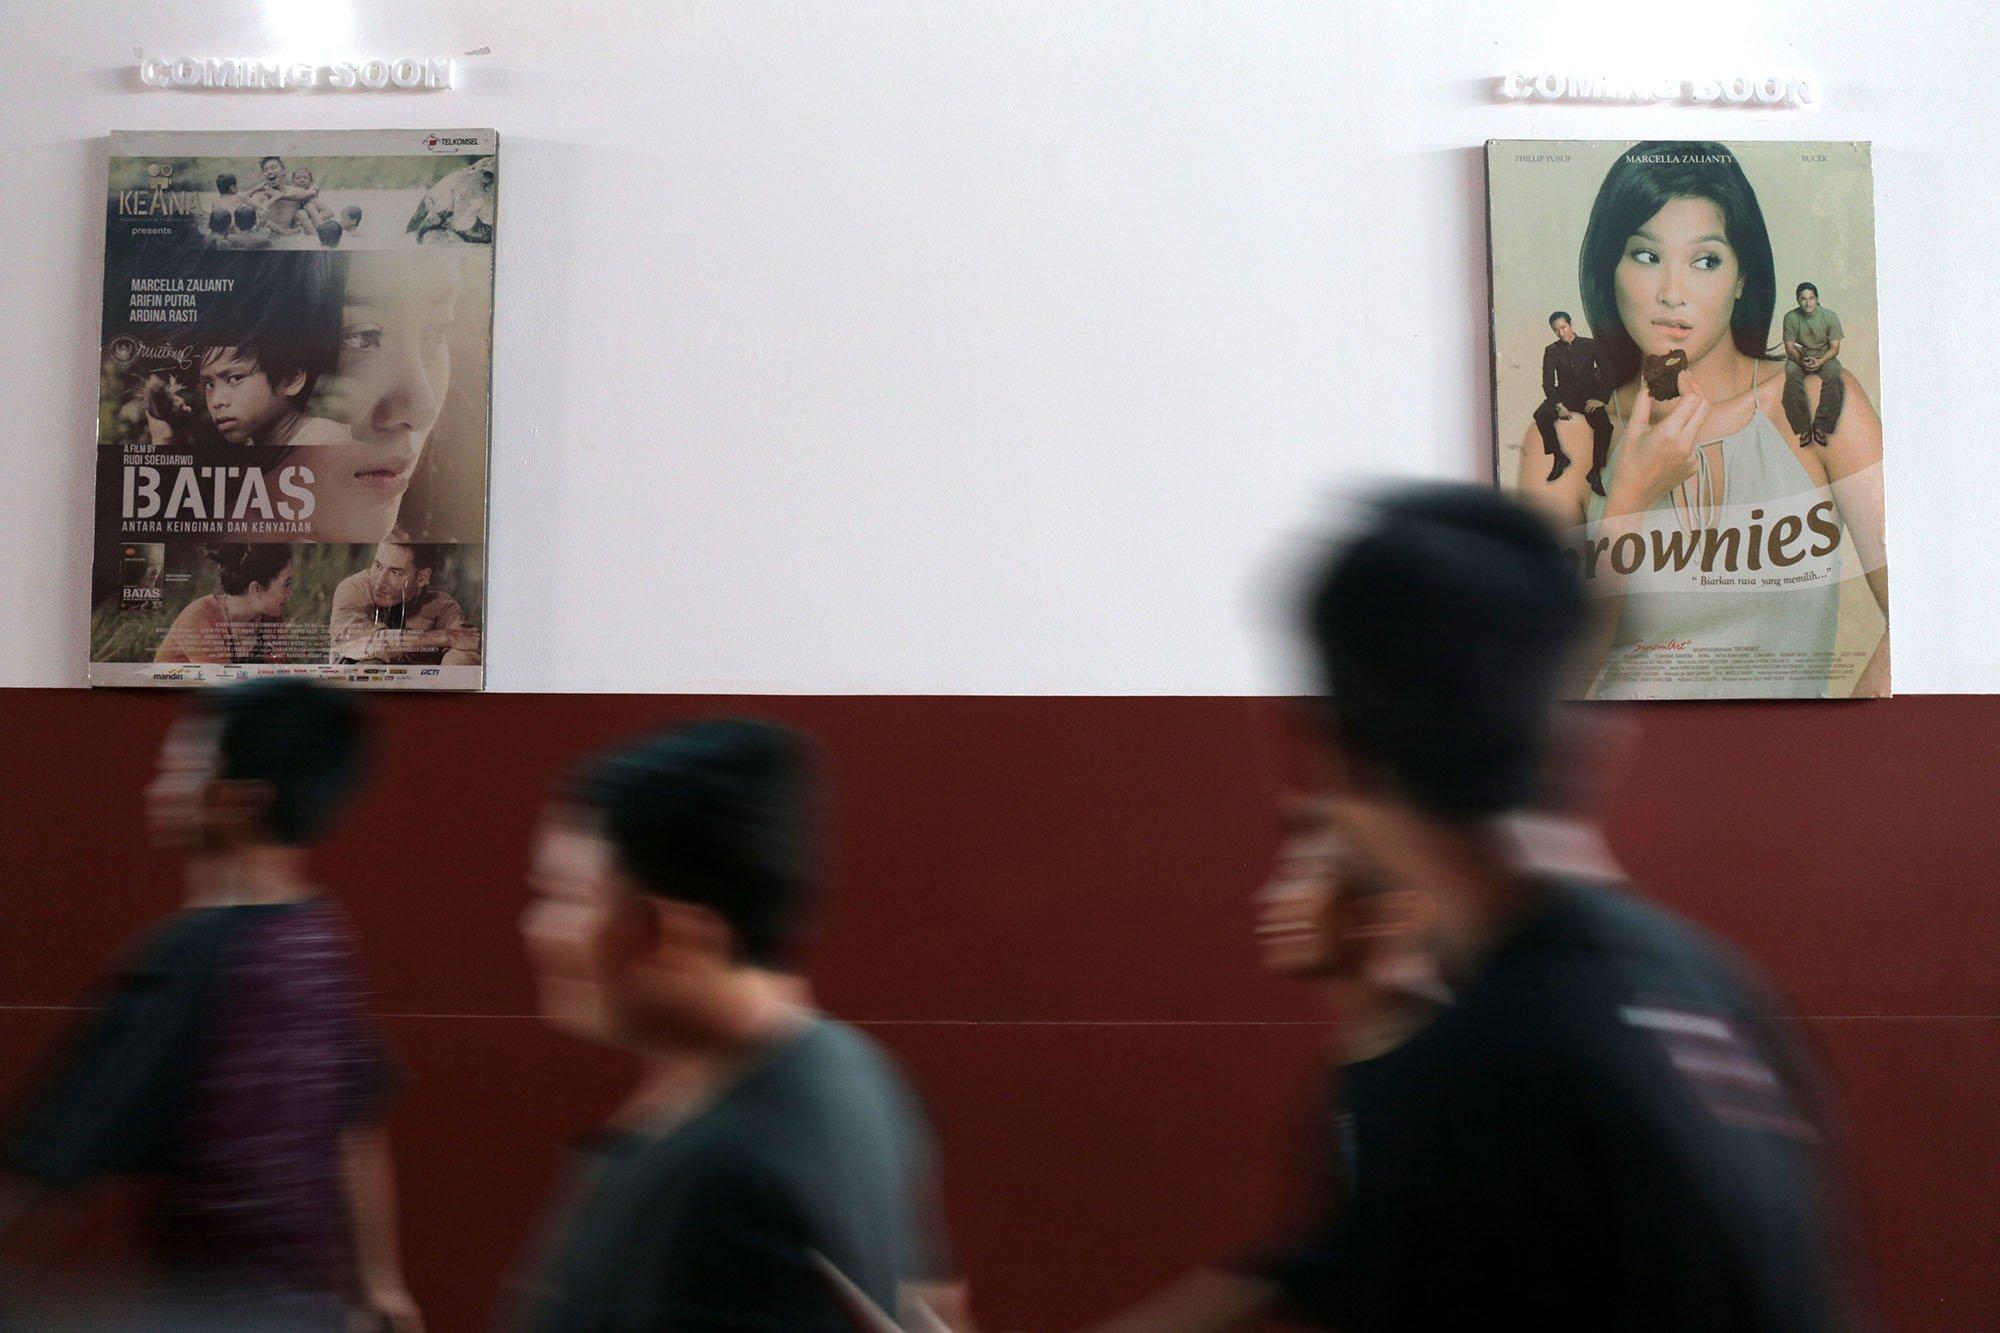 Sejumlah anak laki laki melintas didepan film yang diputar di Indiskop atau Bioskop Rakyat yang di dalam Pasar Jaya Teluk Gong, Penjaringan, Jakarta Utara, Selasa (2/7/2019). Bioskop rakyat yang khusus menayangkan film-film Indonesia ini memiliki 2 studio dengan kapasitas masing-masing 128 kursi penonton, 6 speaker, 1 proyektor layar, dan 3 pendingin ruangan. Dalam masa uji coba ini, warga yang ingin menjajal bioskop rakyat ini cukup merogoh kocek Rp. 15.000 untuk dewasa dan Rp. 5.000 untuk anak kecil.